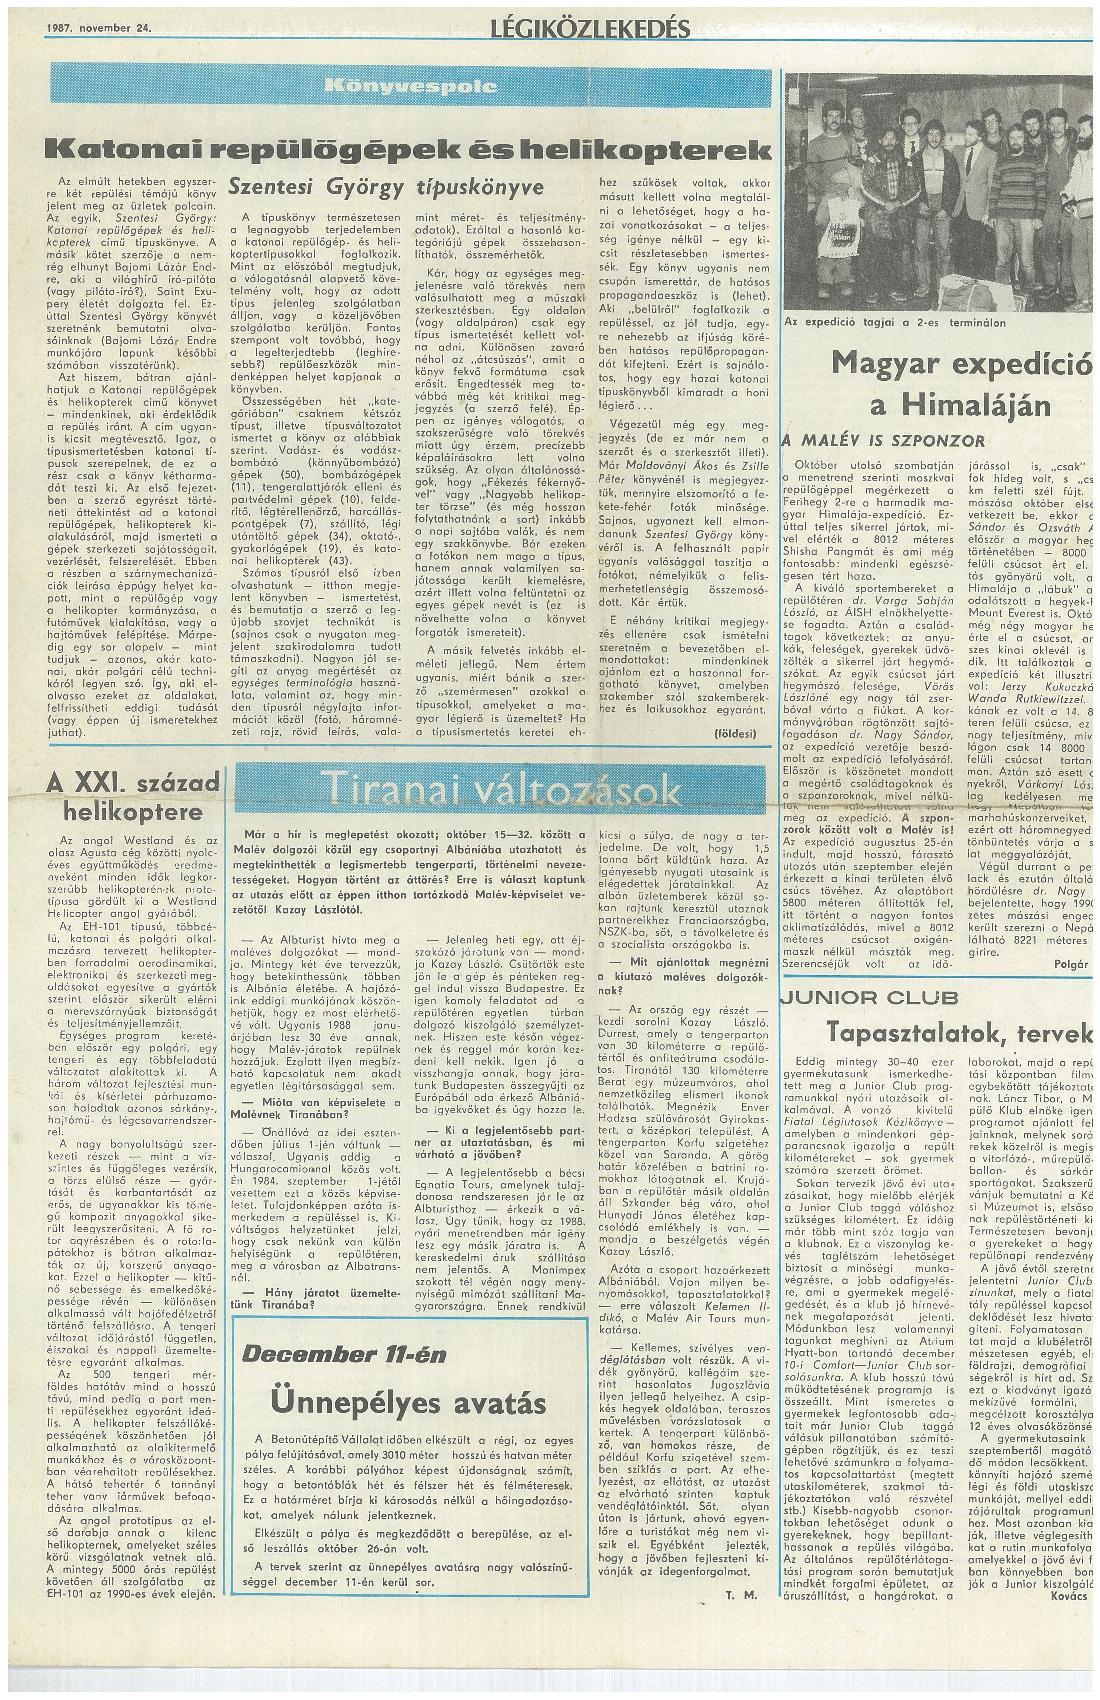 Légiközlekedés, 1987. november 24.